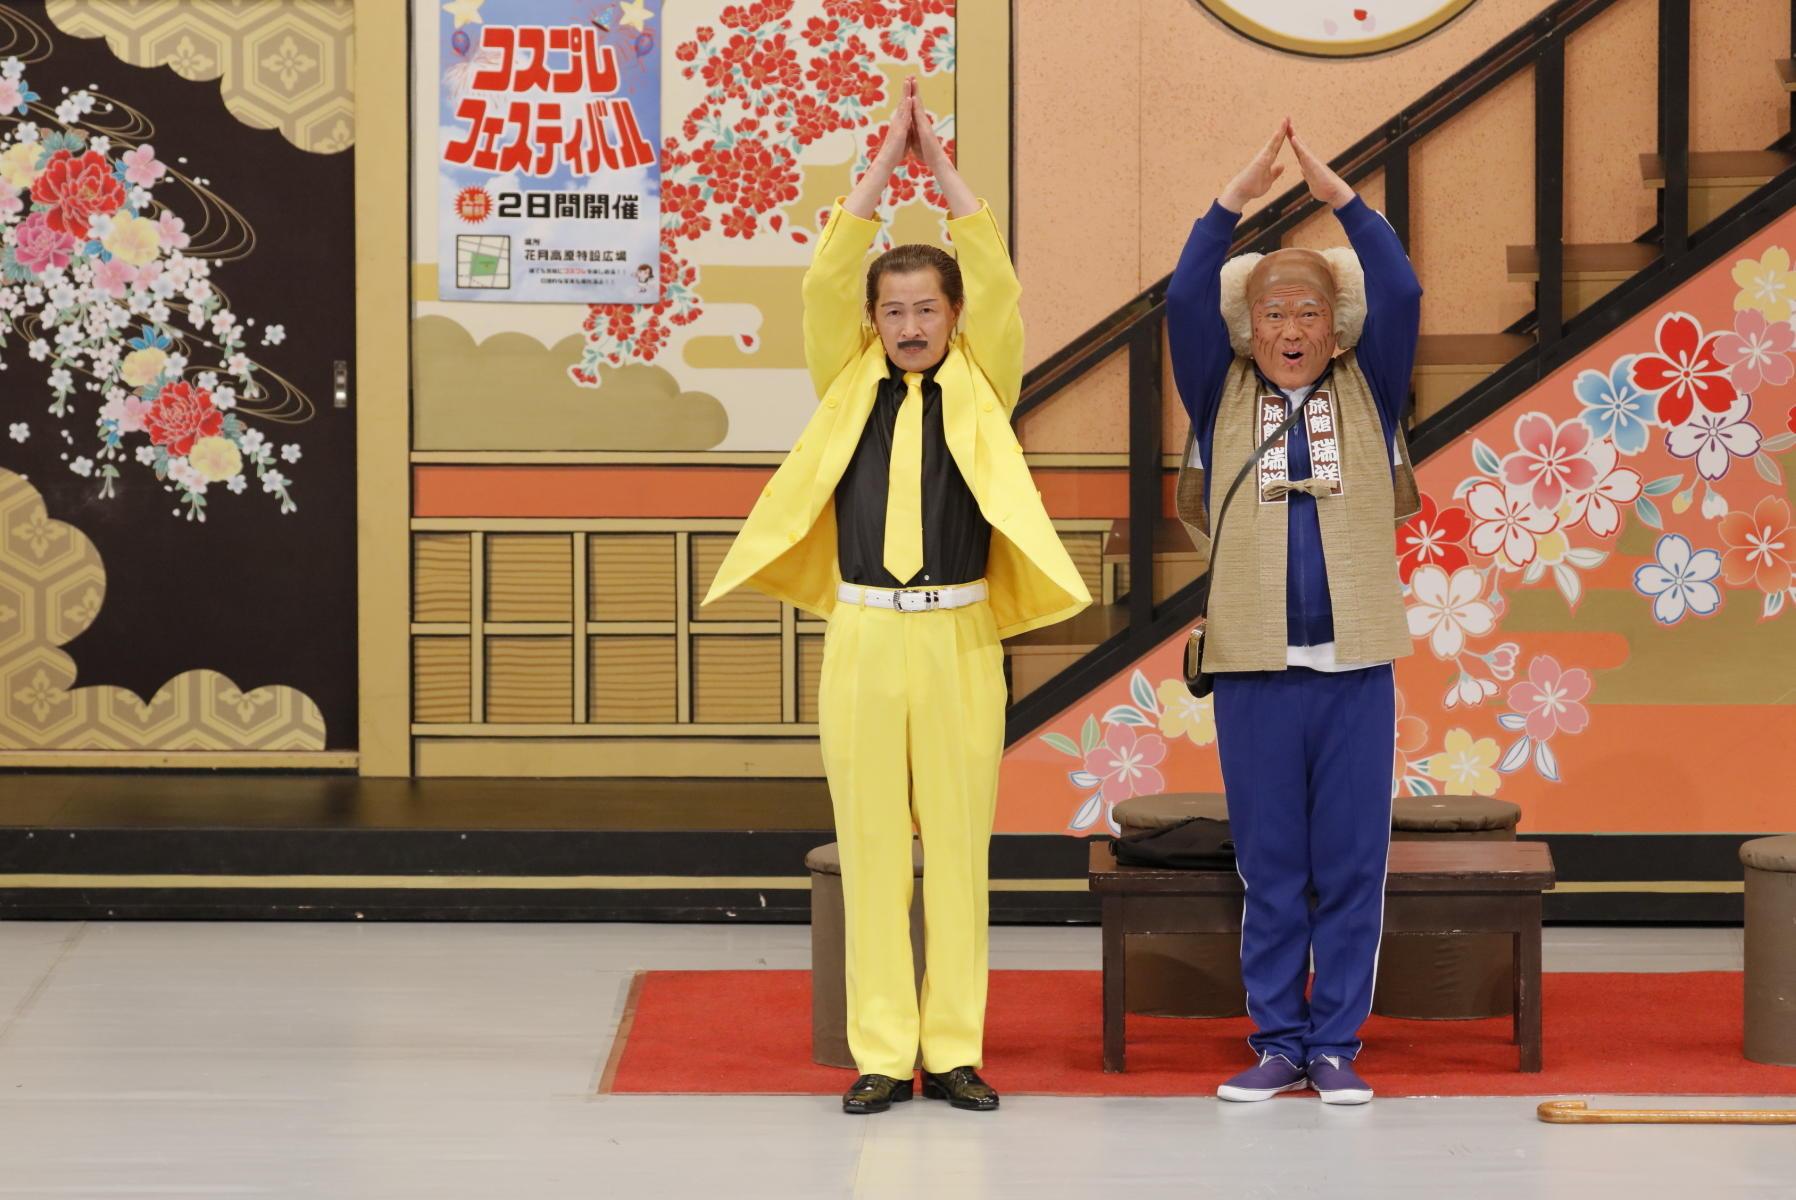 http://news.yoshimoto.co.jp/20180311221702-fed562508aa38766e0e70ebcd2be444301a20760.jpg